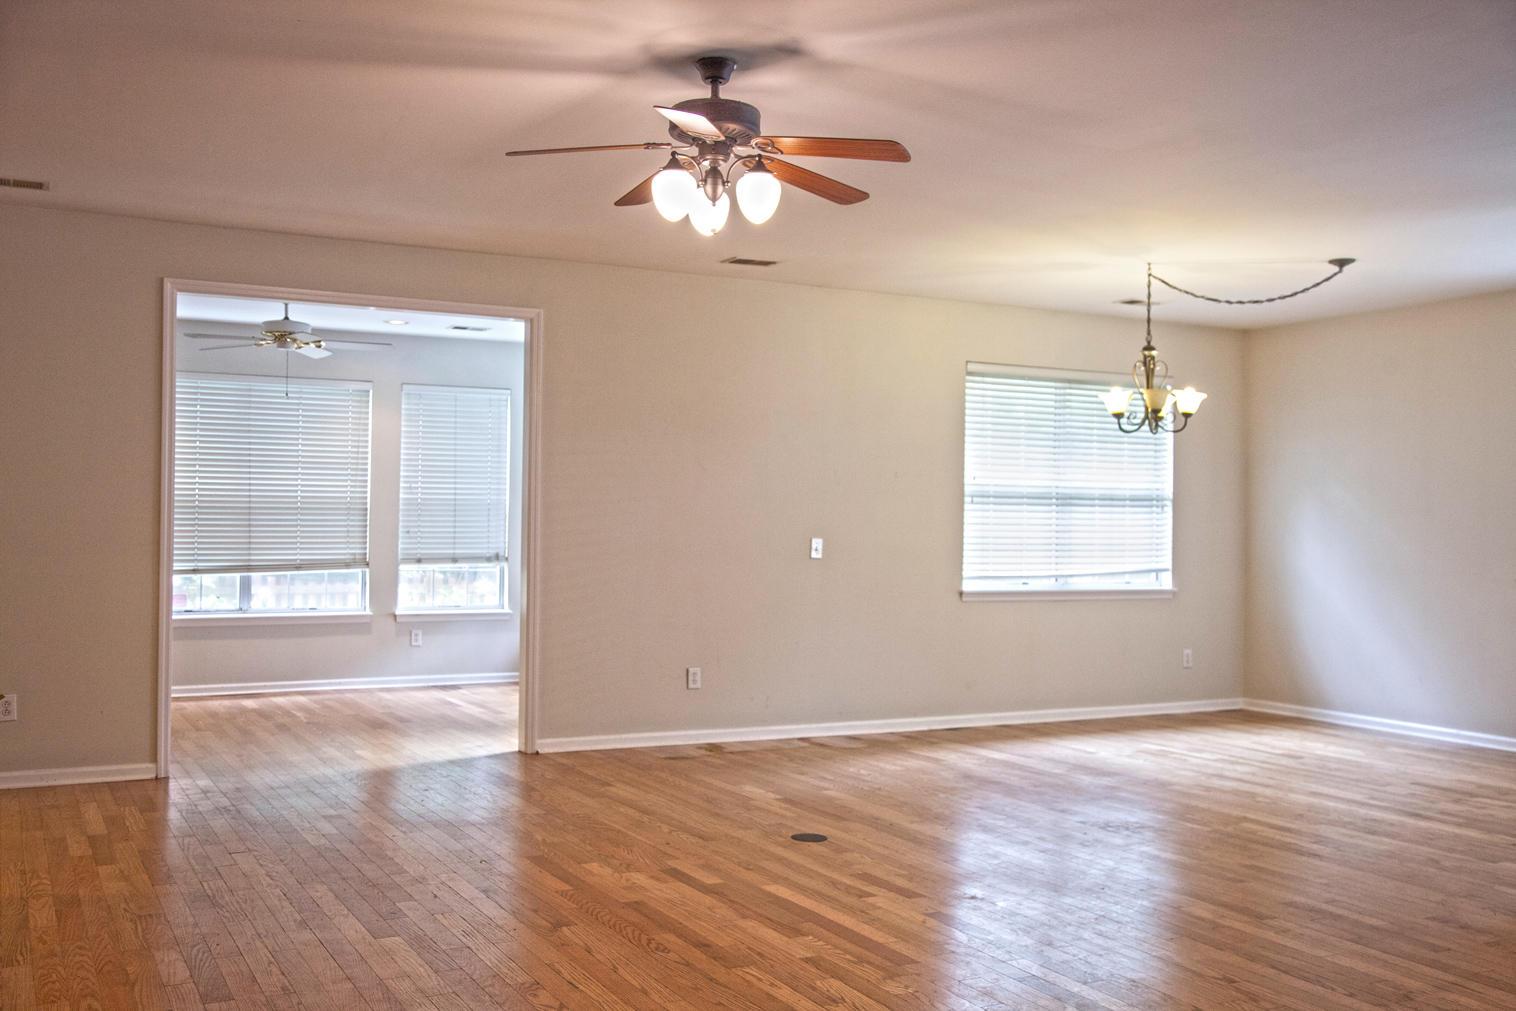 Park West Homes For Sale - 3190 John Bartram Place, Mount Pleasant, SC - 5